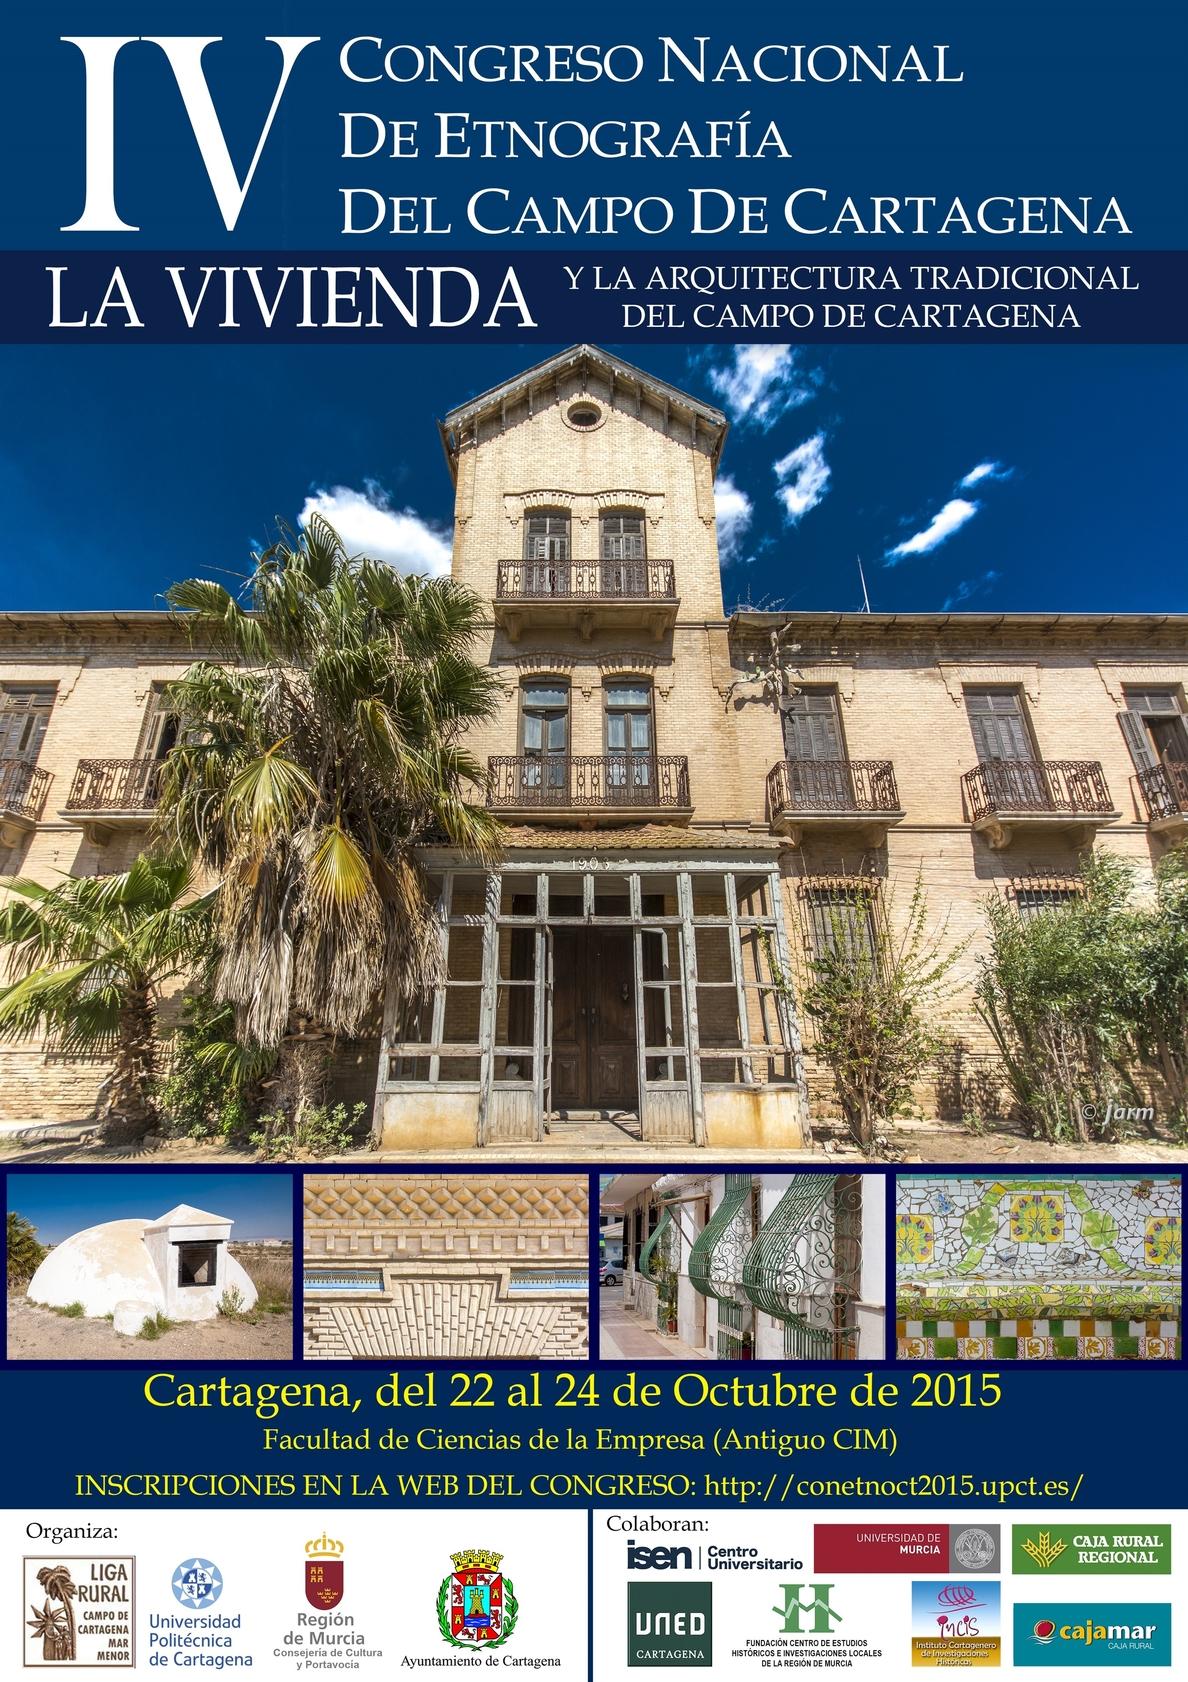 La UPCT reúne a arquitectos, geógrafos y antropólogos en el IV Congreso Nacional de Etnografía del Campo de Cartagena